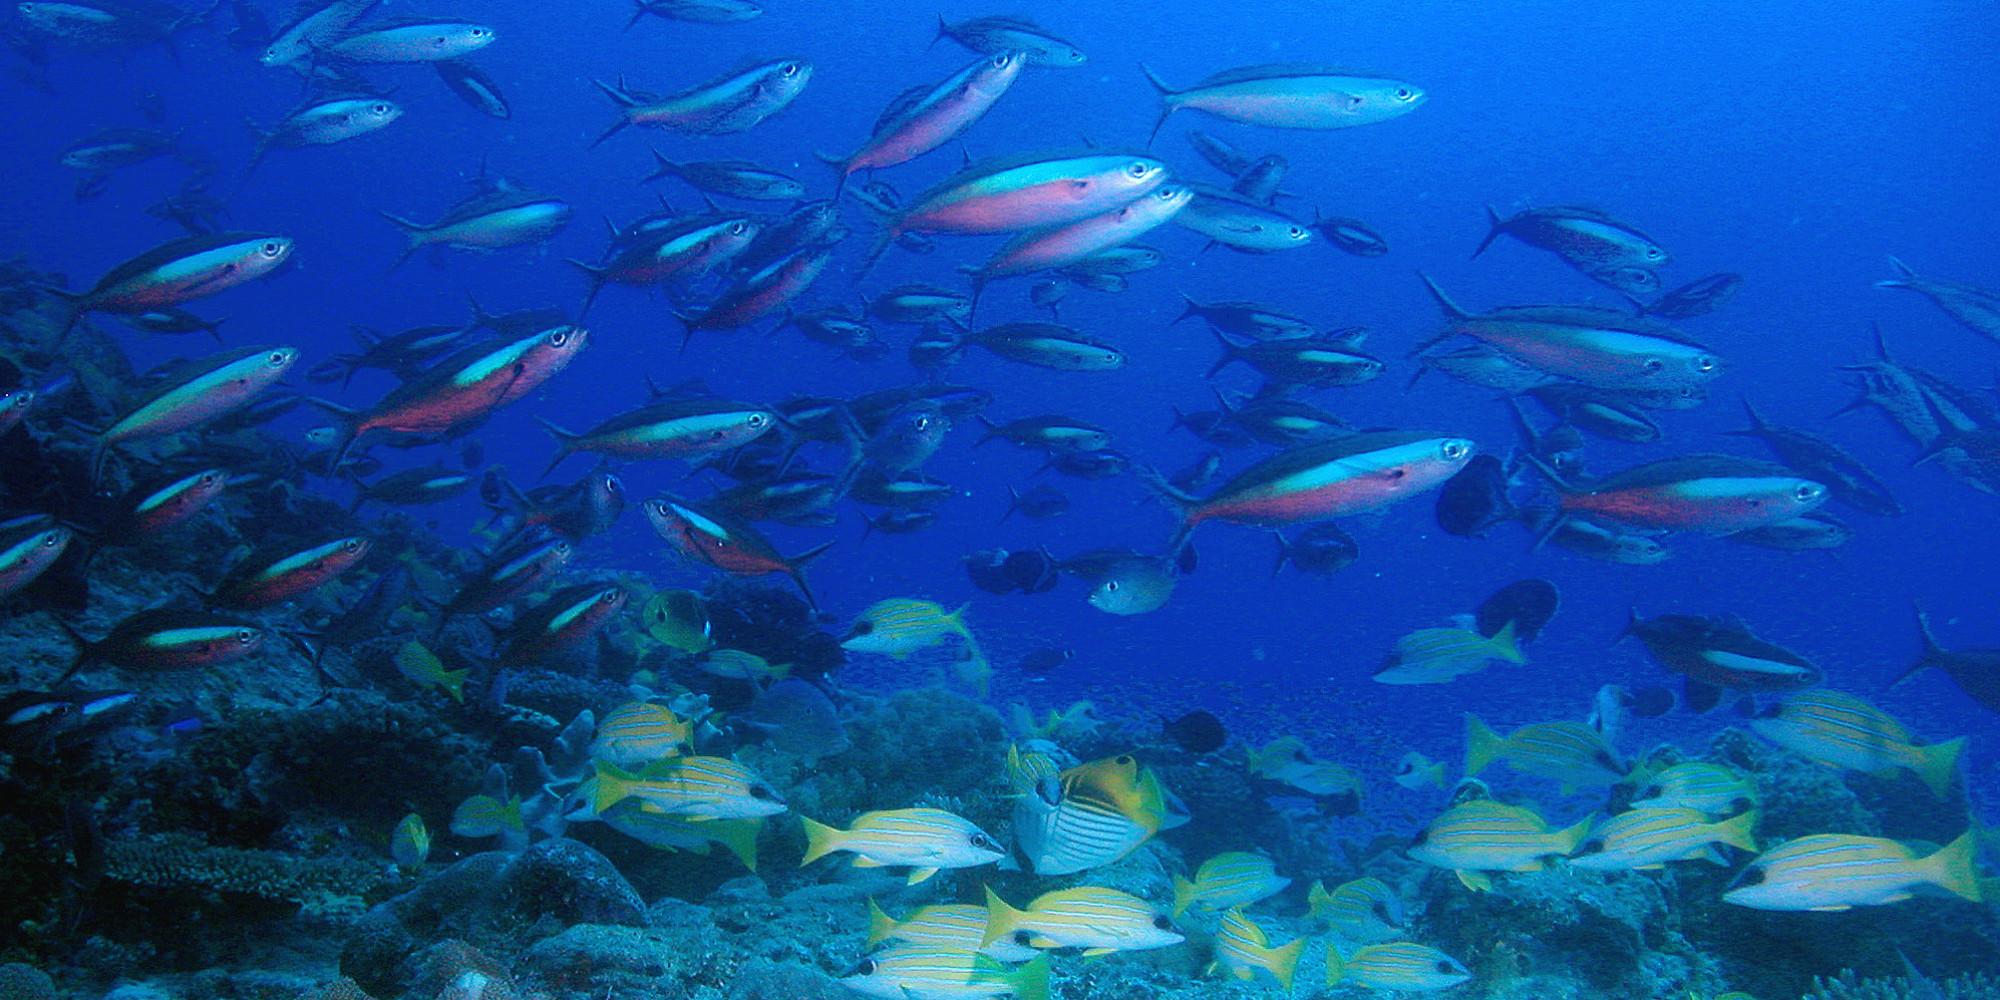 La vie sociale des poissons pierre sigler - Image poissons ...